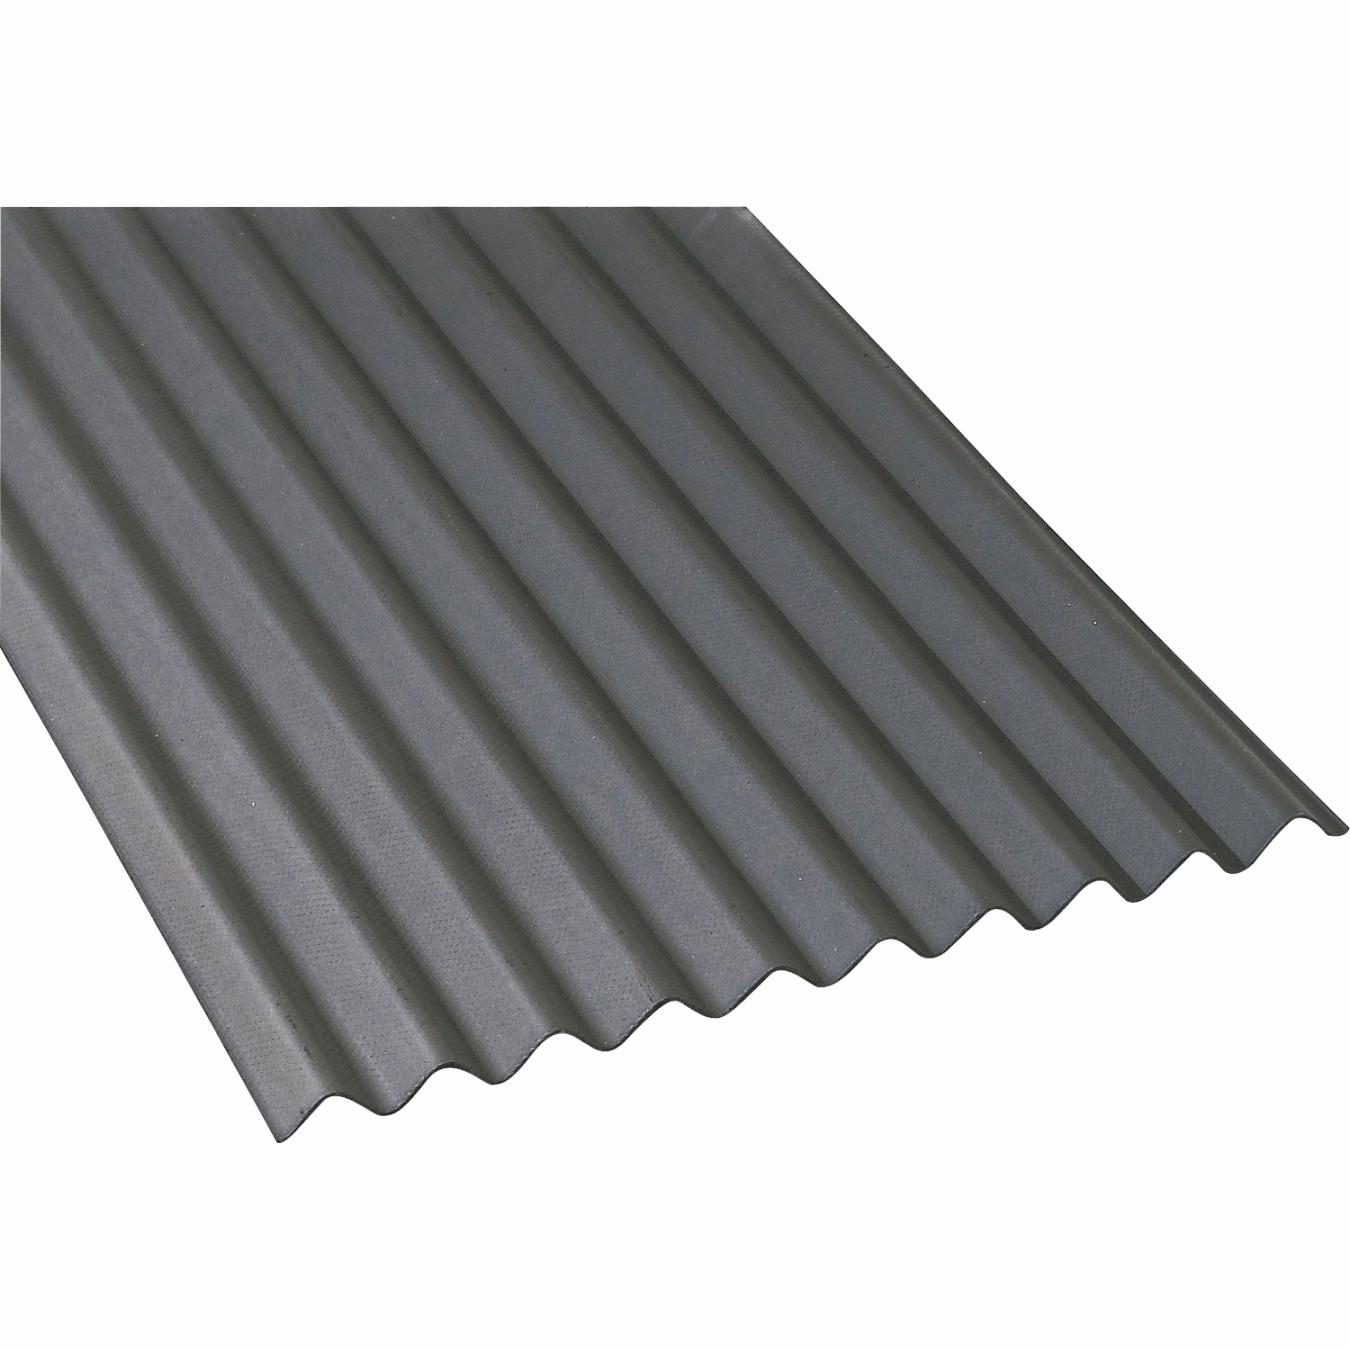 cache climatisation castorama elegant meuble cache radiateur cache clim porsche cayenne n1 3 0d v6 et of cache climatisation castorama